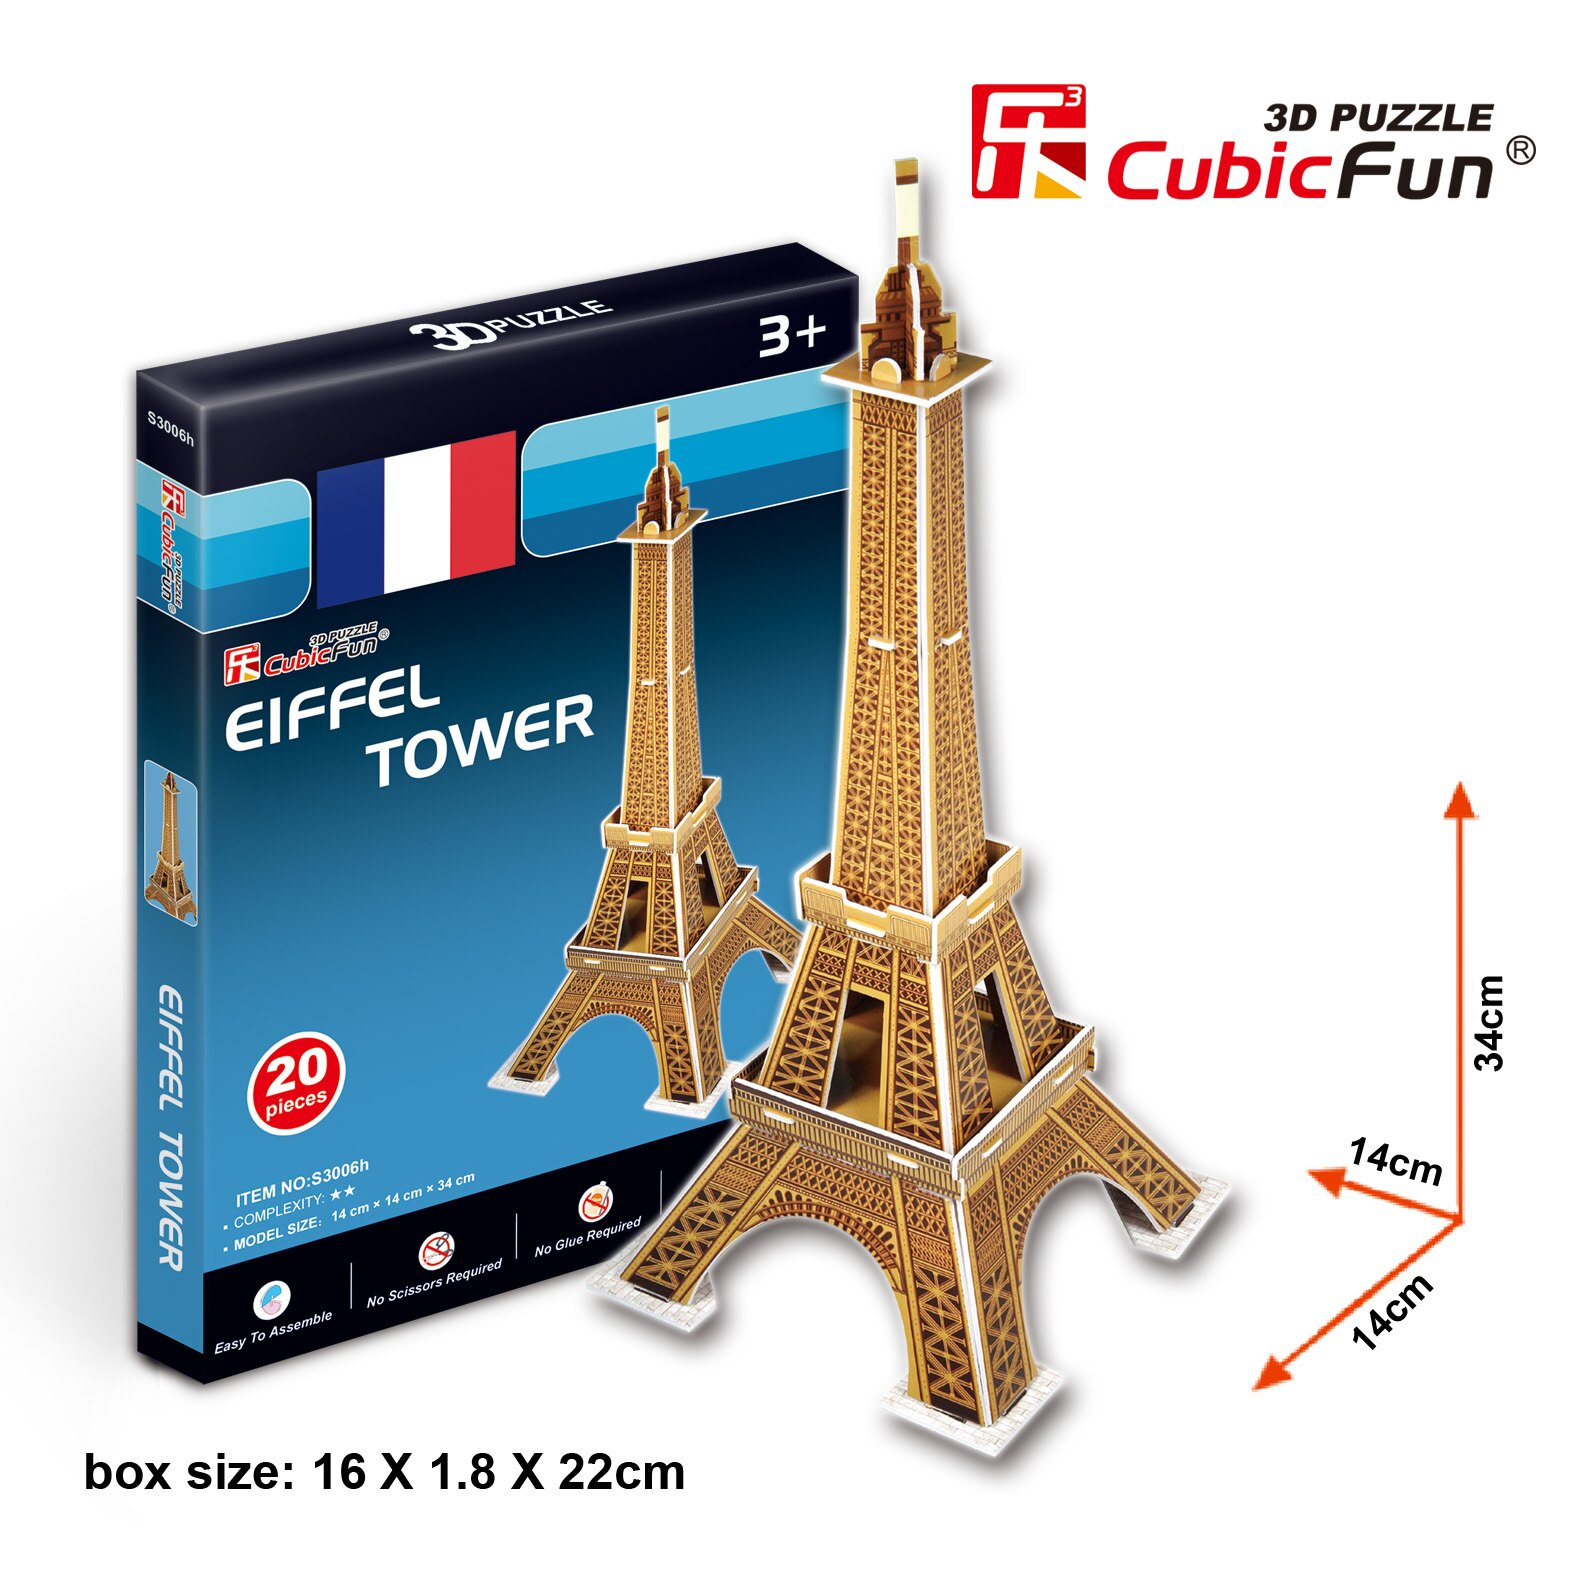 3D Puzzle 立體拼圖 - 迷你世界建築 【法國巴黎艾菲爾鐵塔】S3006 兒童級 20片